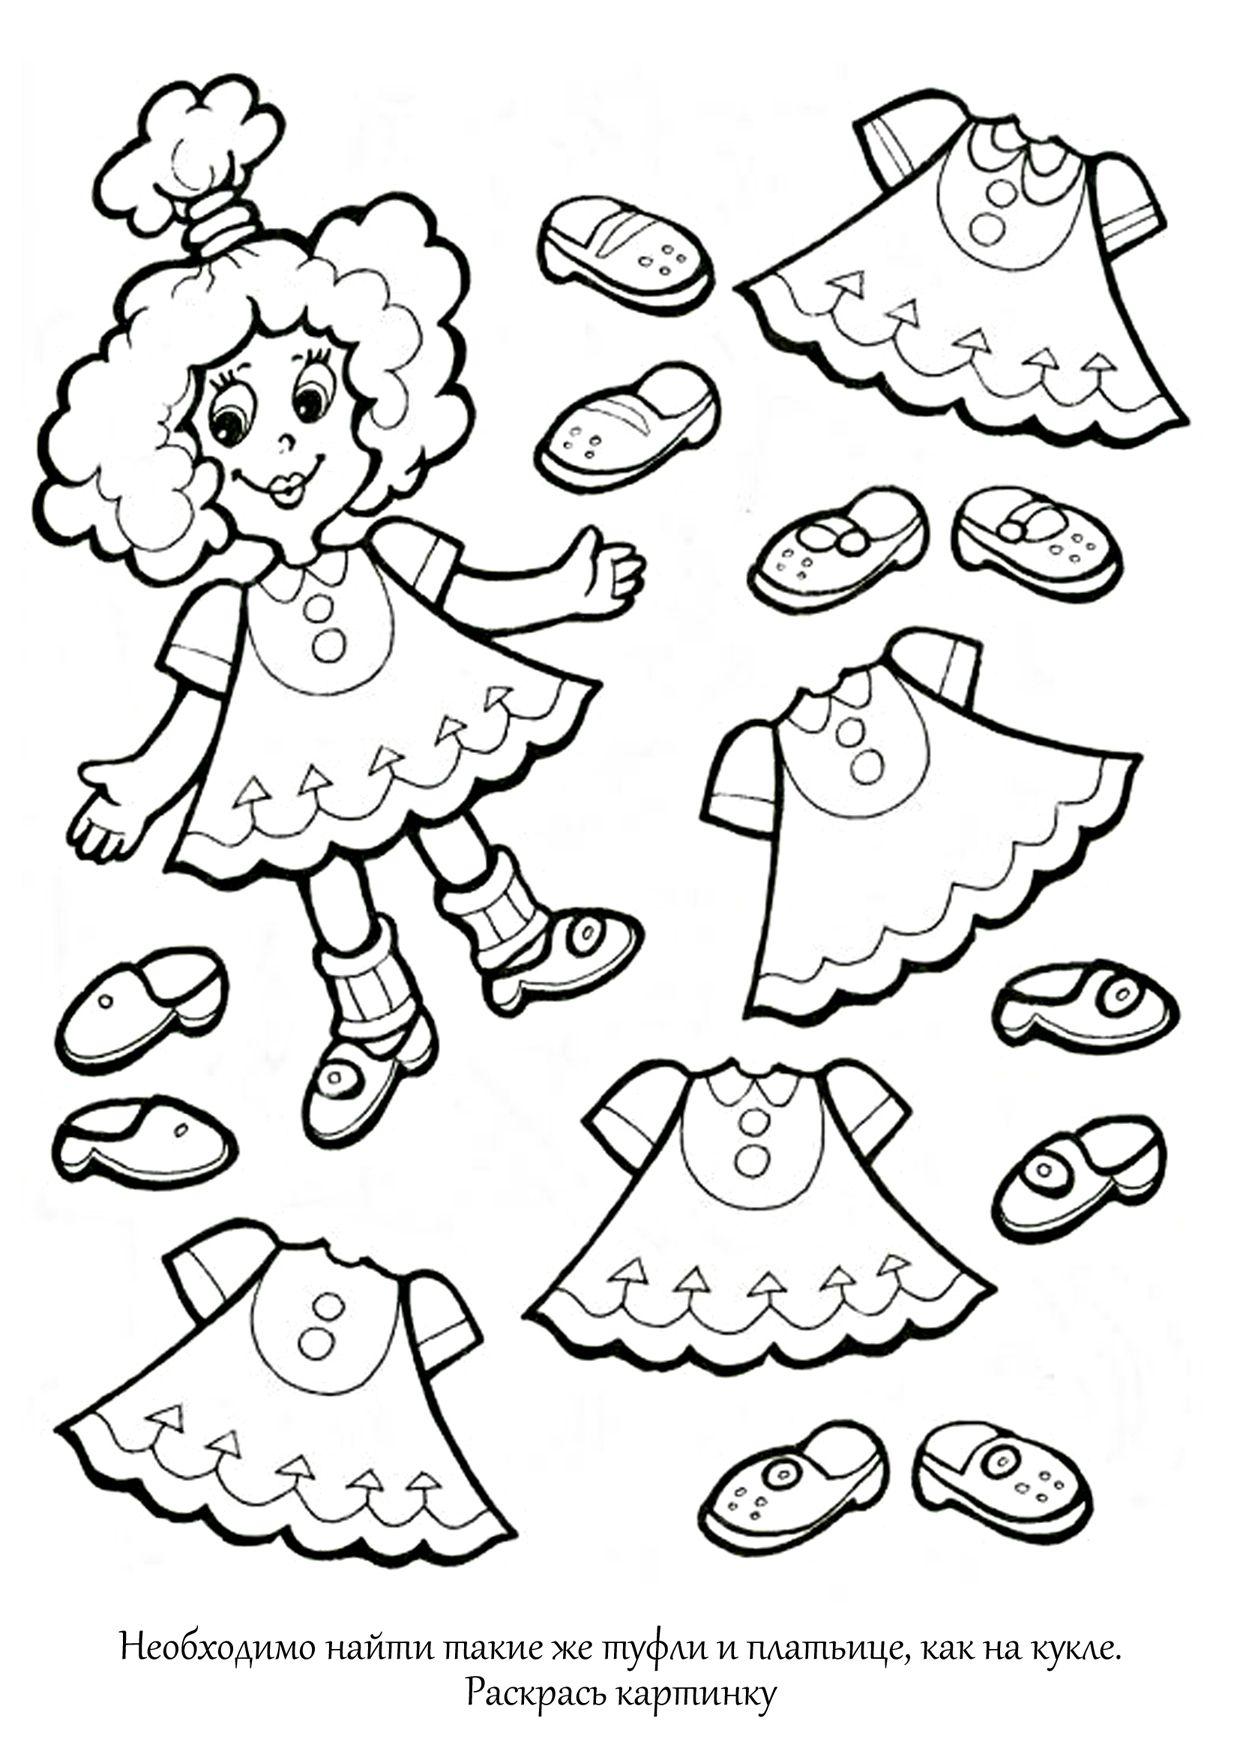 Раскраски на внимание. Одежда и Обувь | Раскраски, Дети ...